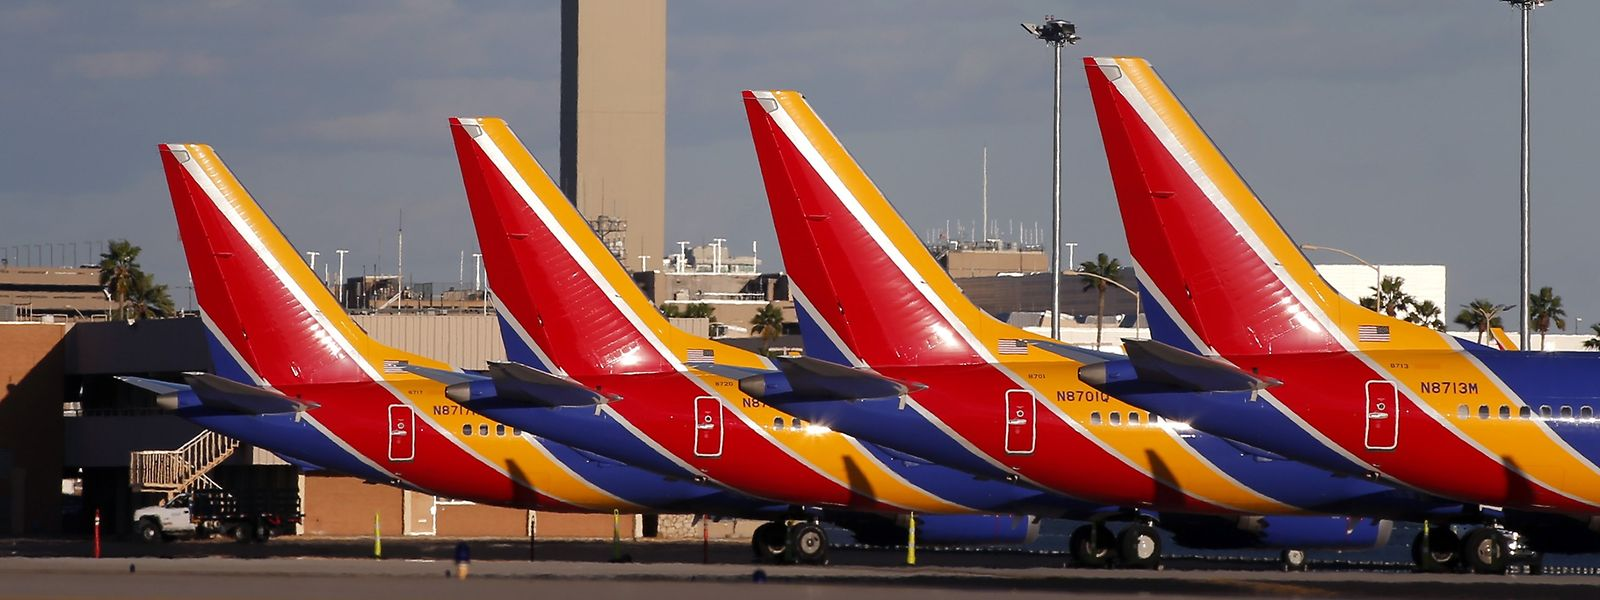 Auch in den USA sind die 737 Max mittlerweile mit einem Startverbot belegt.